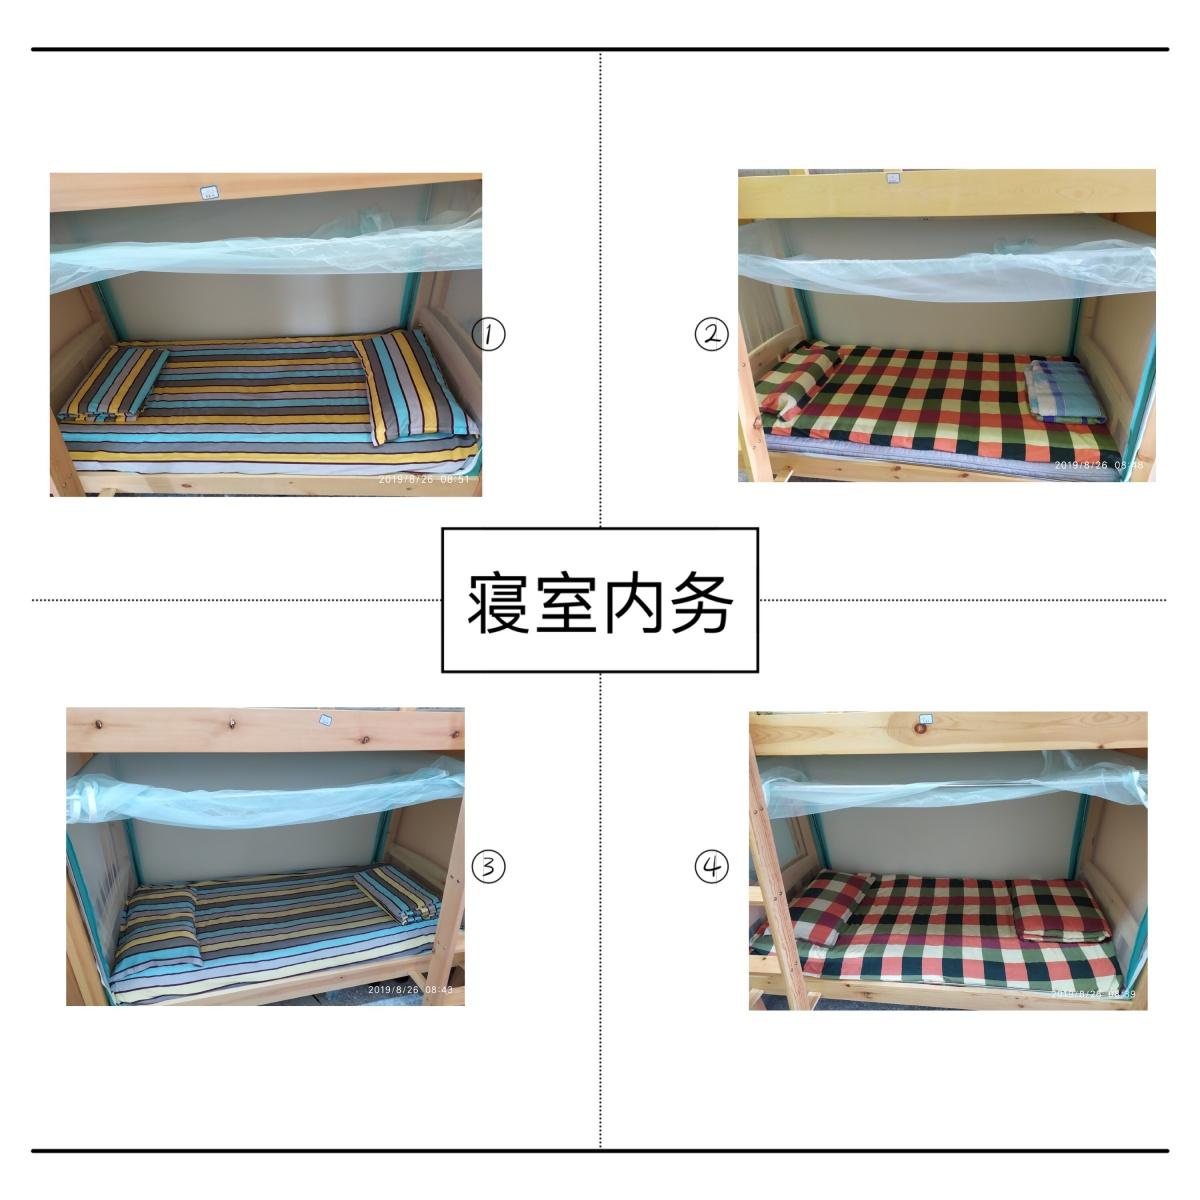 5.寢室內務整理2.jpg